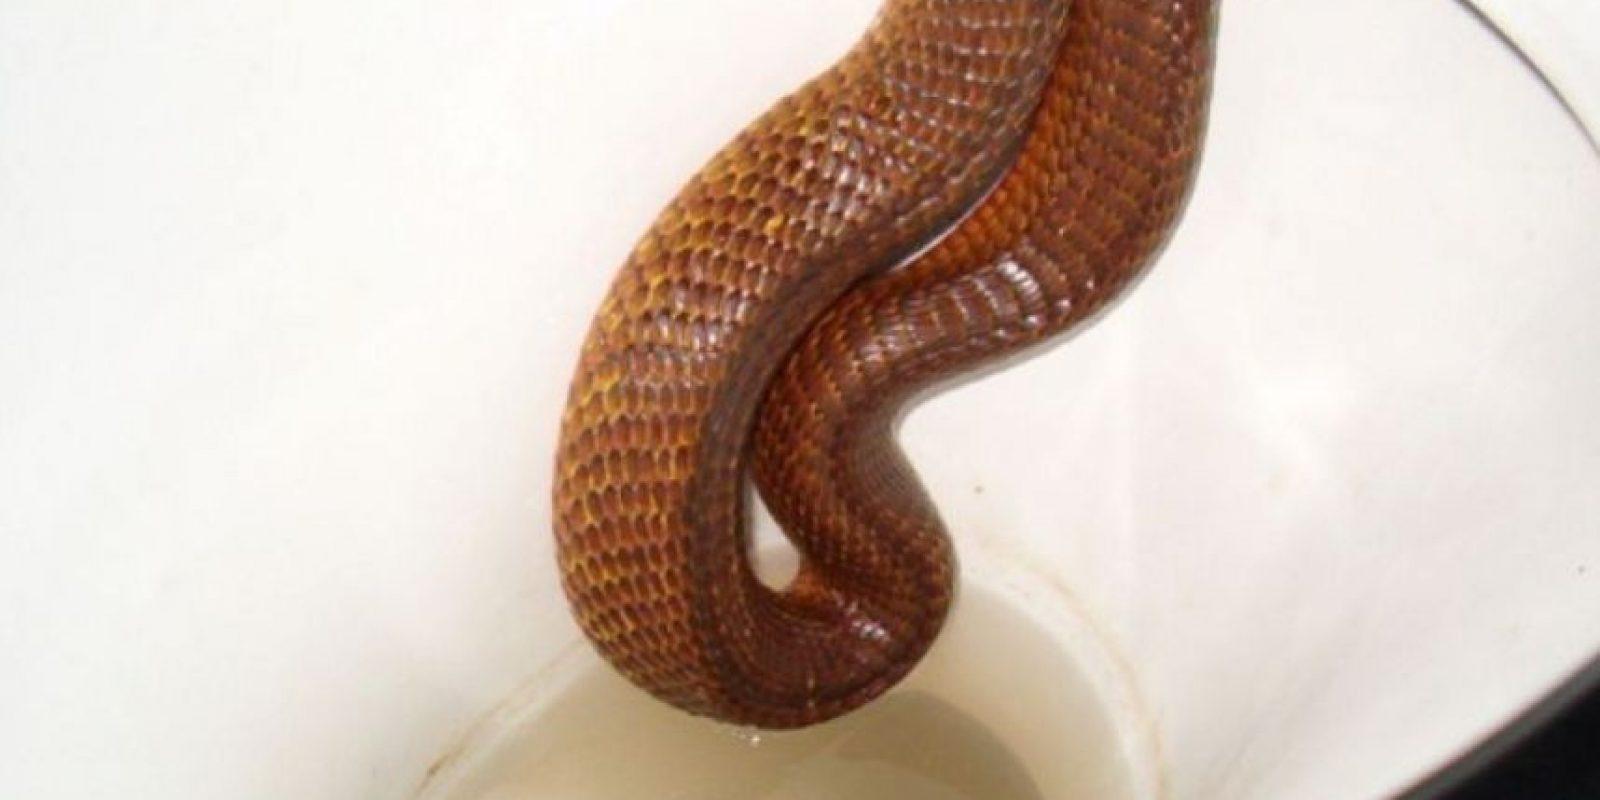 Serpientes en el retrete. Foto:Reddit